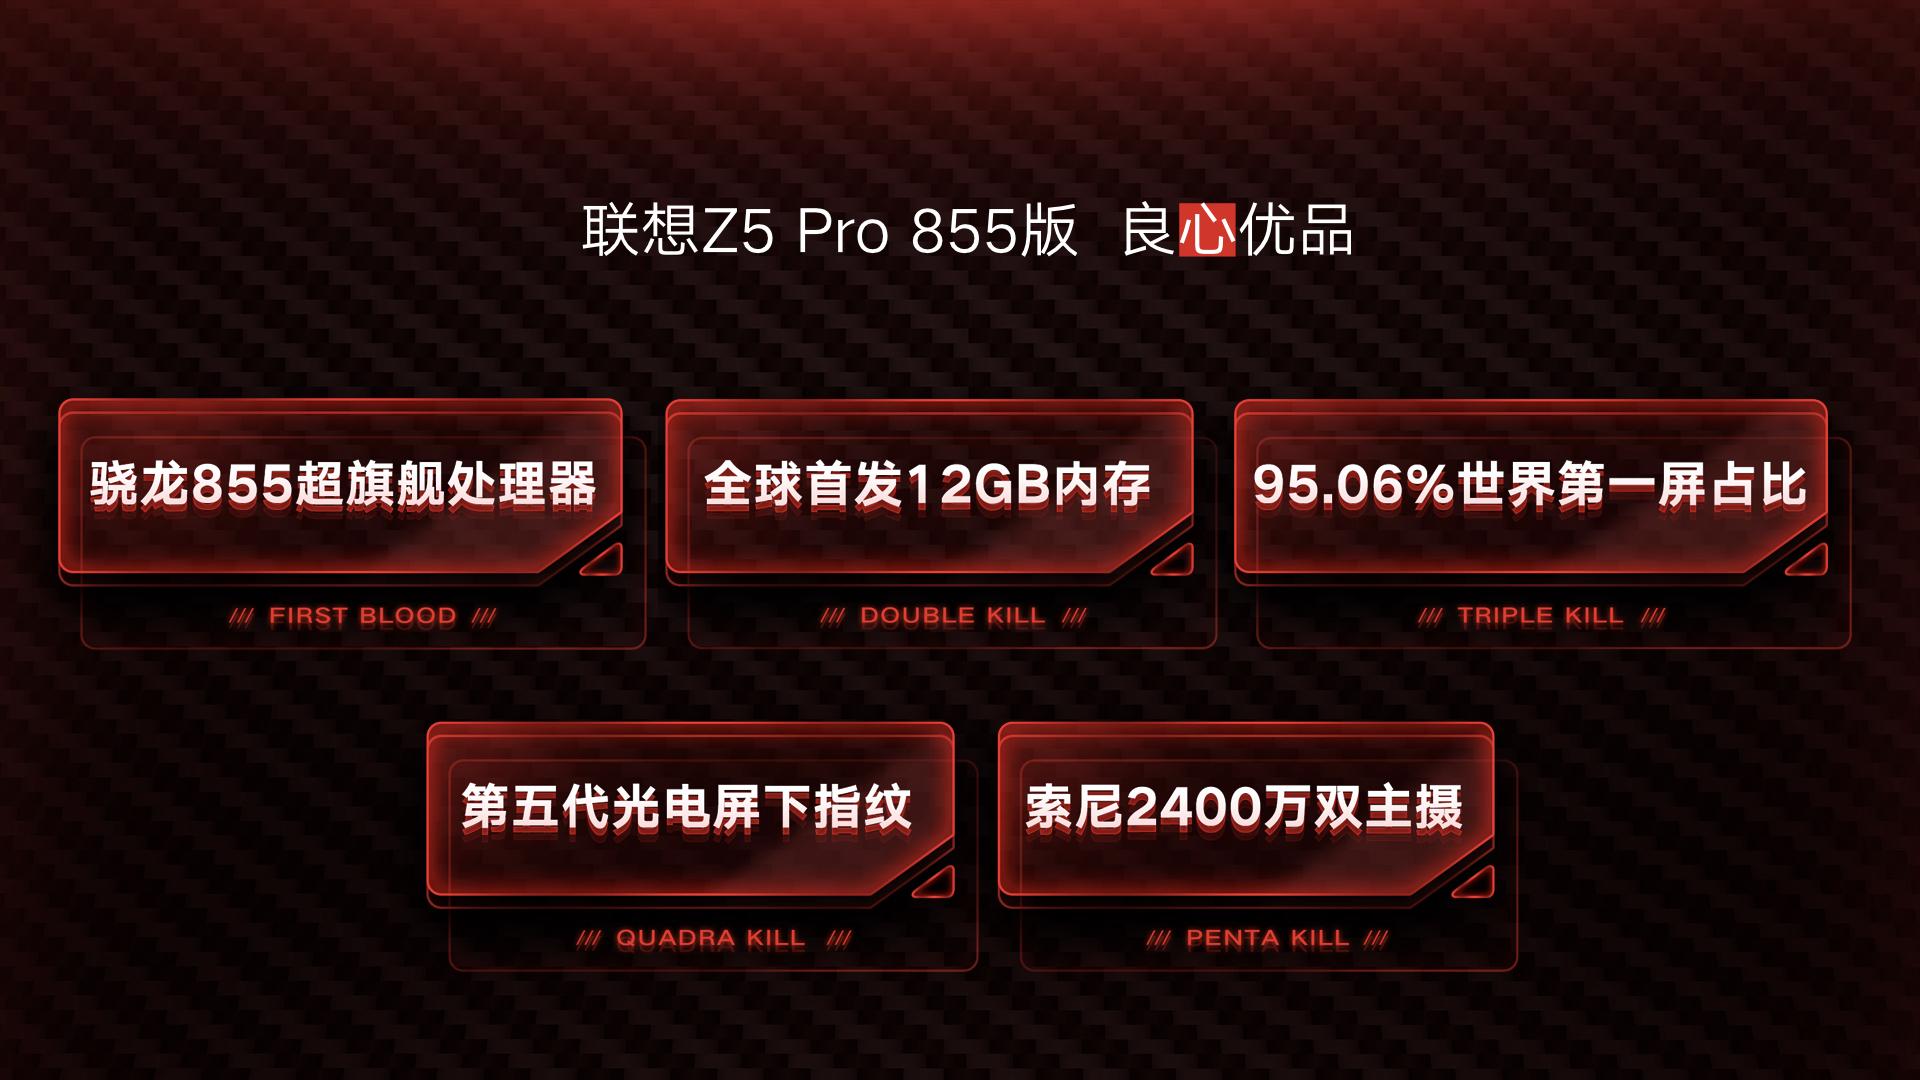 联想发布四款新机:朱一龙版颜值杀 骁龙855的照片 - 11